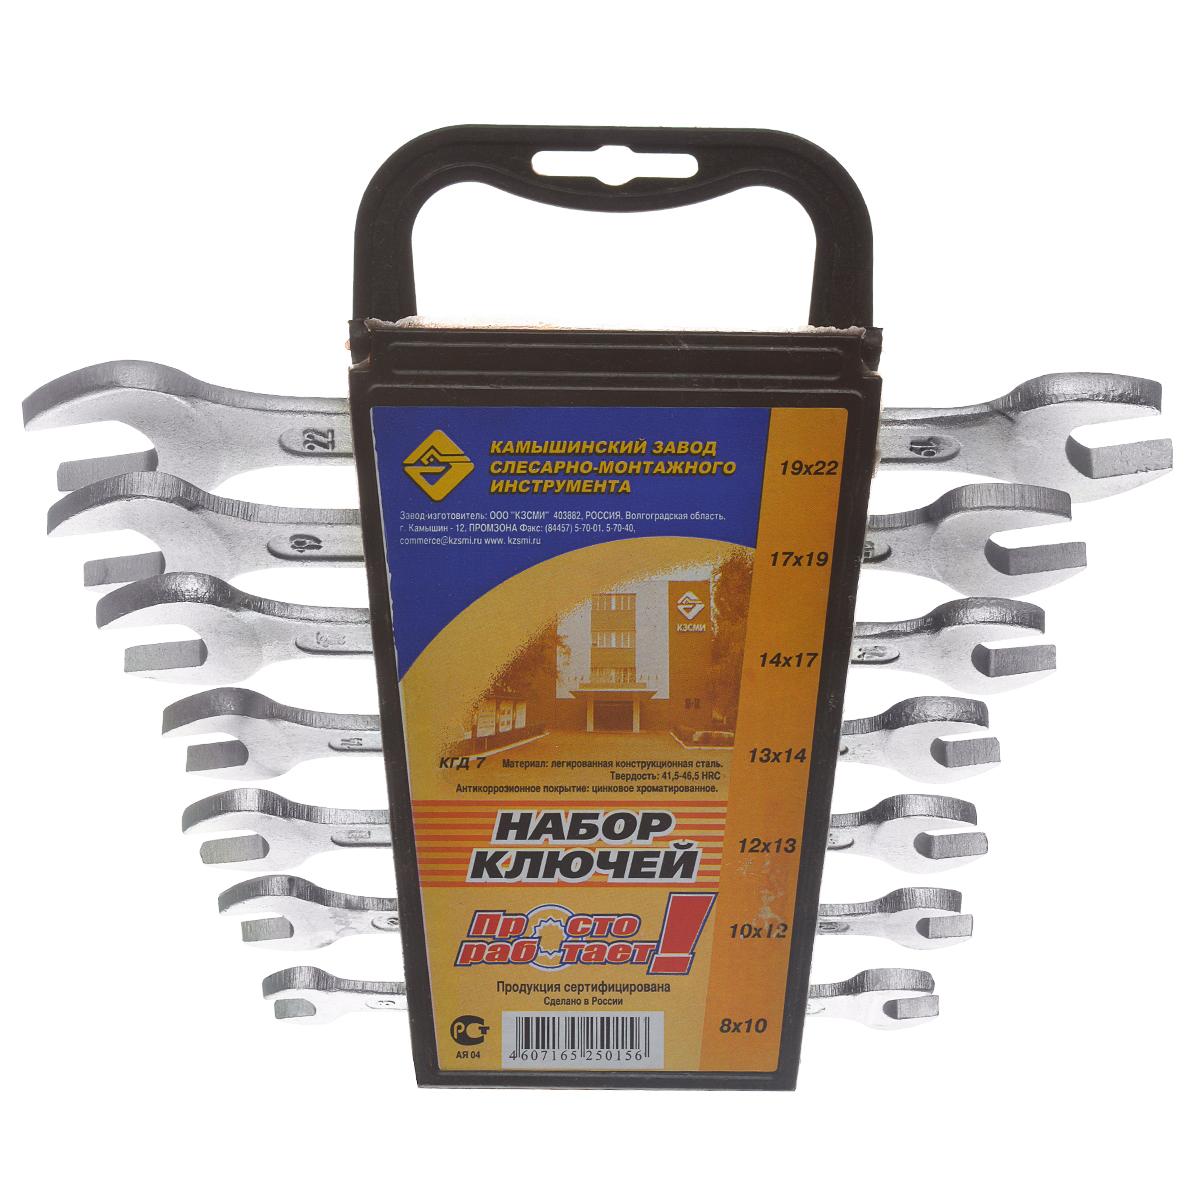 Набор ключей рожковых КЗСМИ, 7 шт15240Рожковые ключи предназначены для монтажа и демонтажа резьбовых соединений. Они изготовлены из легированной конструкционной стали. Твердость материала рабочей части ключа 41,5-46,5 HRc. Имеют антикоррозийное цинковое хроматированное покрытие. Ключи поставляются в комплекте с трапециевидным пластмассовым держателем. В набор входят ключи на: 19 х 22 мм, 17 х 19 мм, 14 х 17 мм, 13 х 14 мм, 12 х 13 мм, 10 х 12 мм, 8 х 10 мм.